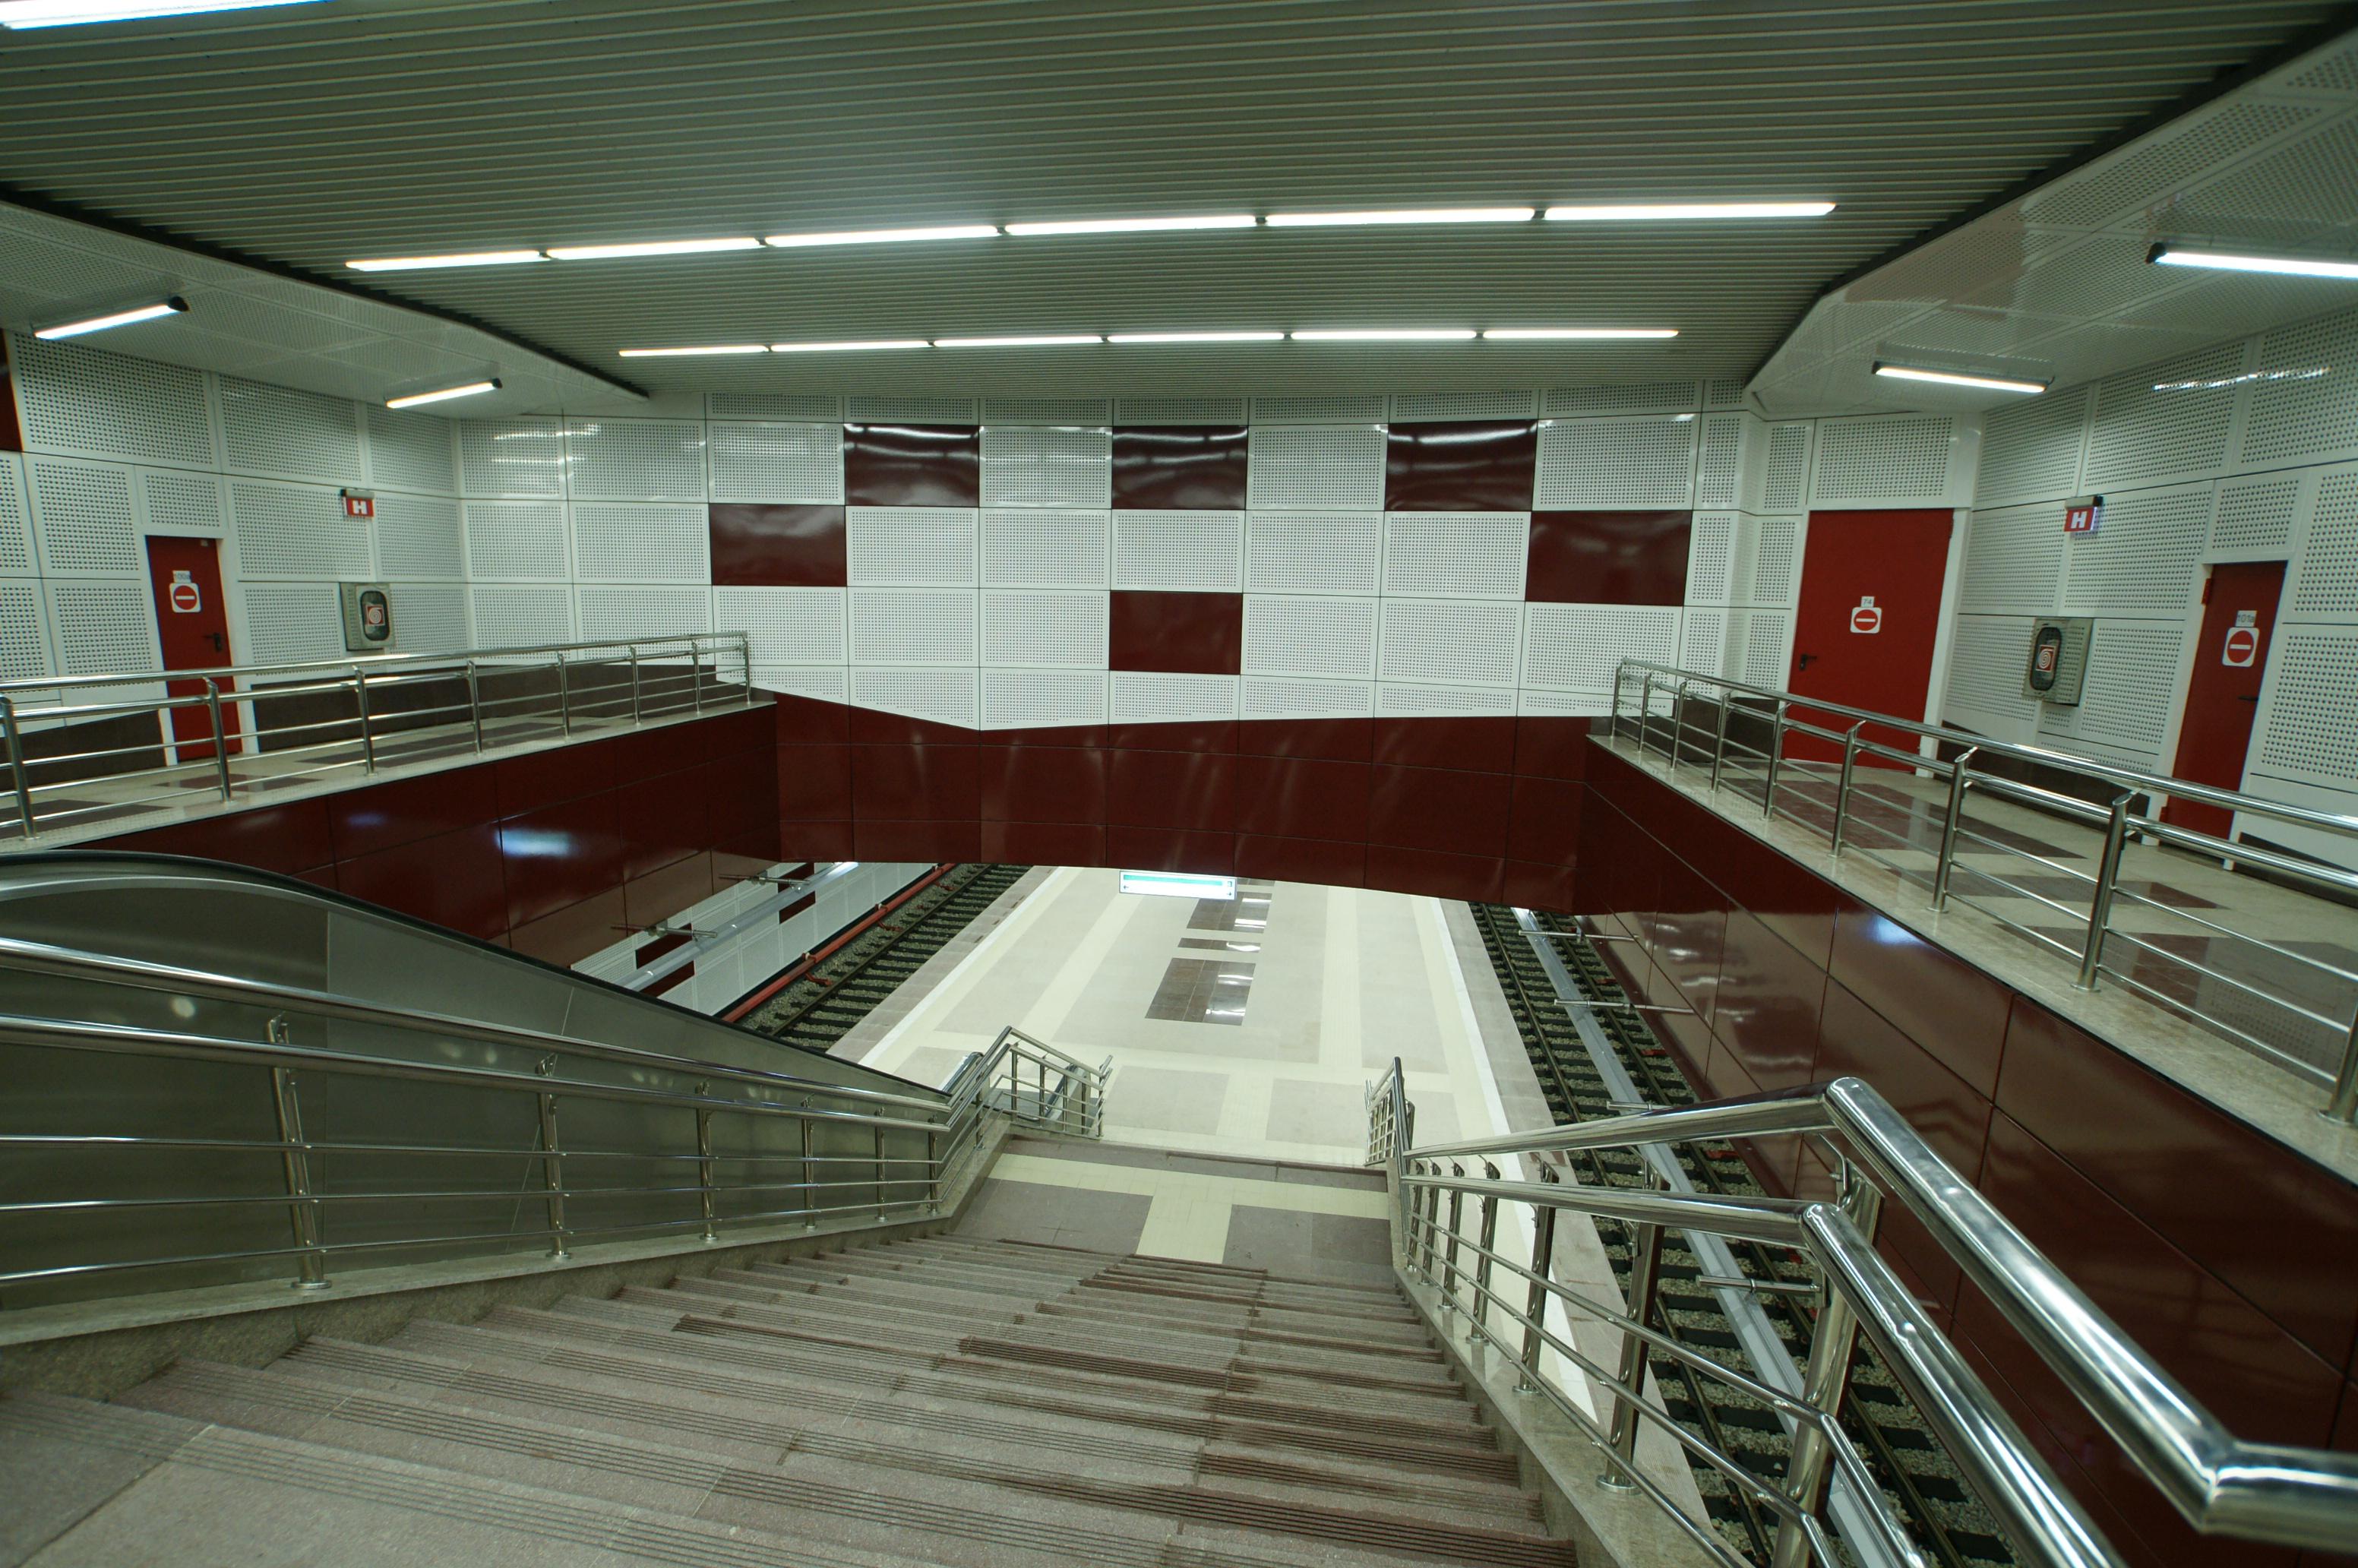 Panouri din tabla de otel folosite la statia de metrou Jiului OMERAS - Poza 9